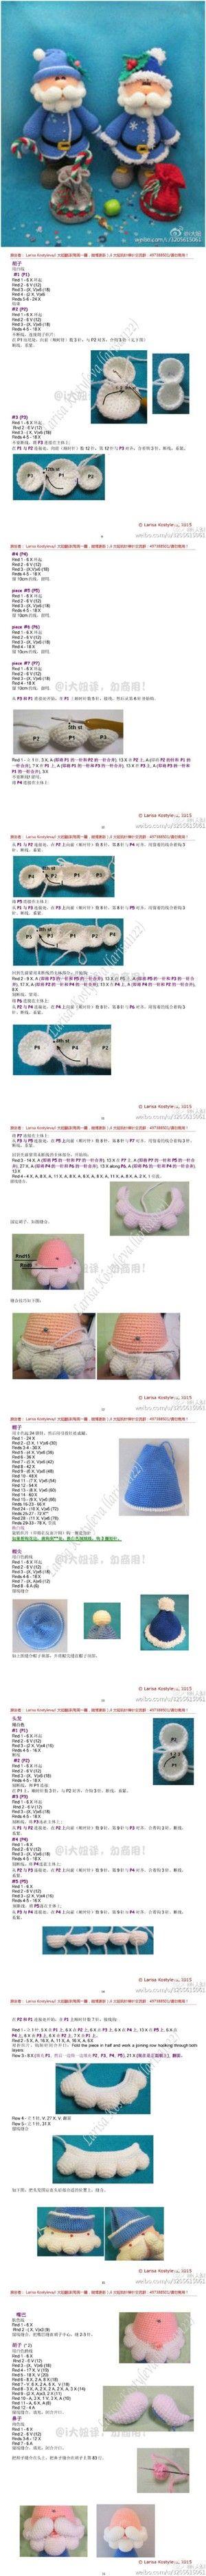 735 best Patrones images on Pinterest | Crochet dolls, Amigurumi ...